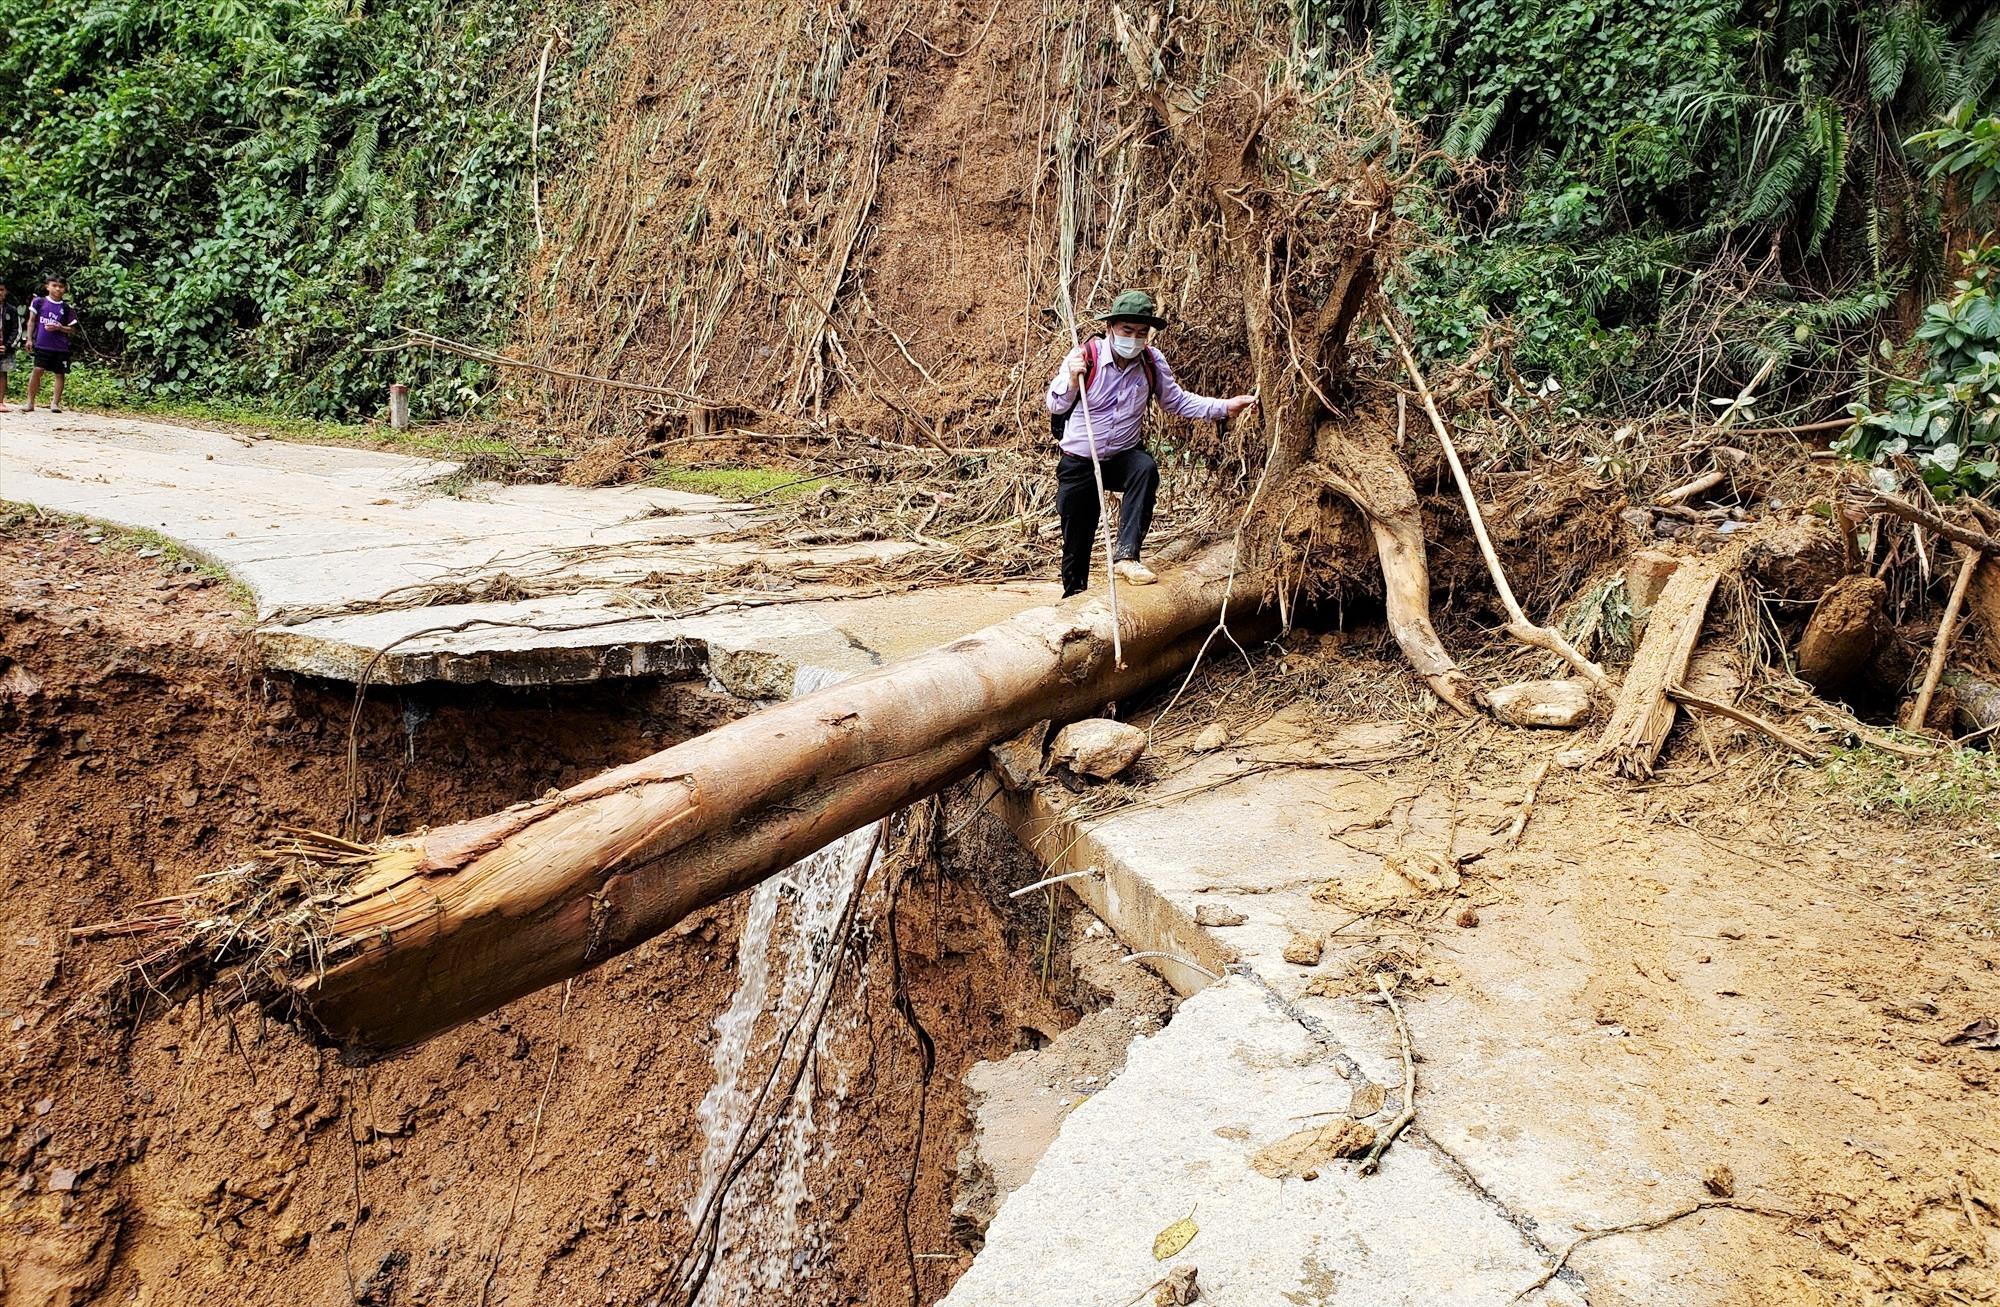 Một điểm sạt lở taluy âm khiếng xe ô tô không thể lưu thông từ trung tâm huyện Tây Giang lên xã A Xan. Ảnh: THANH THẮNG